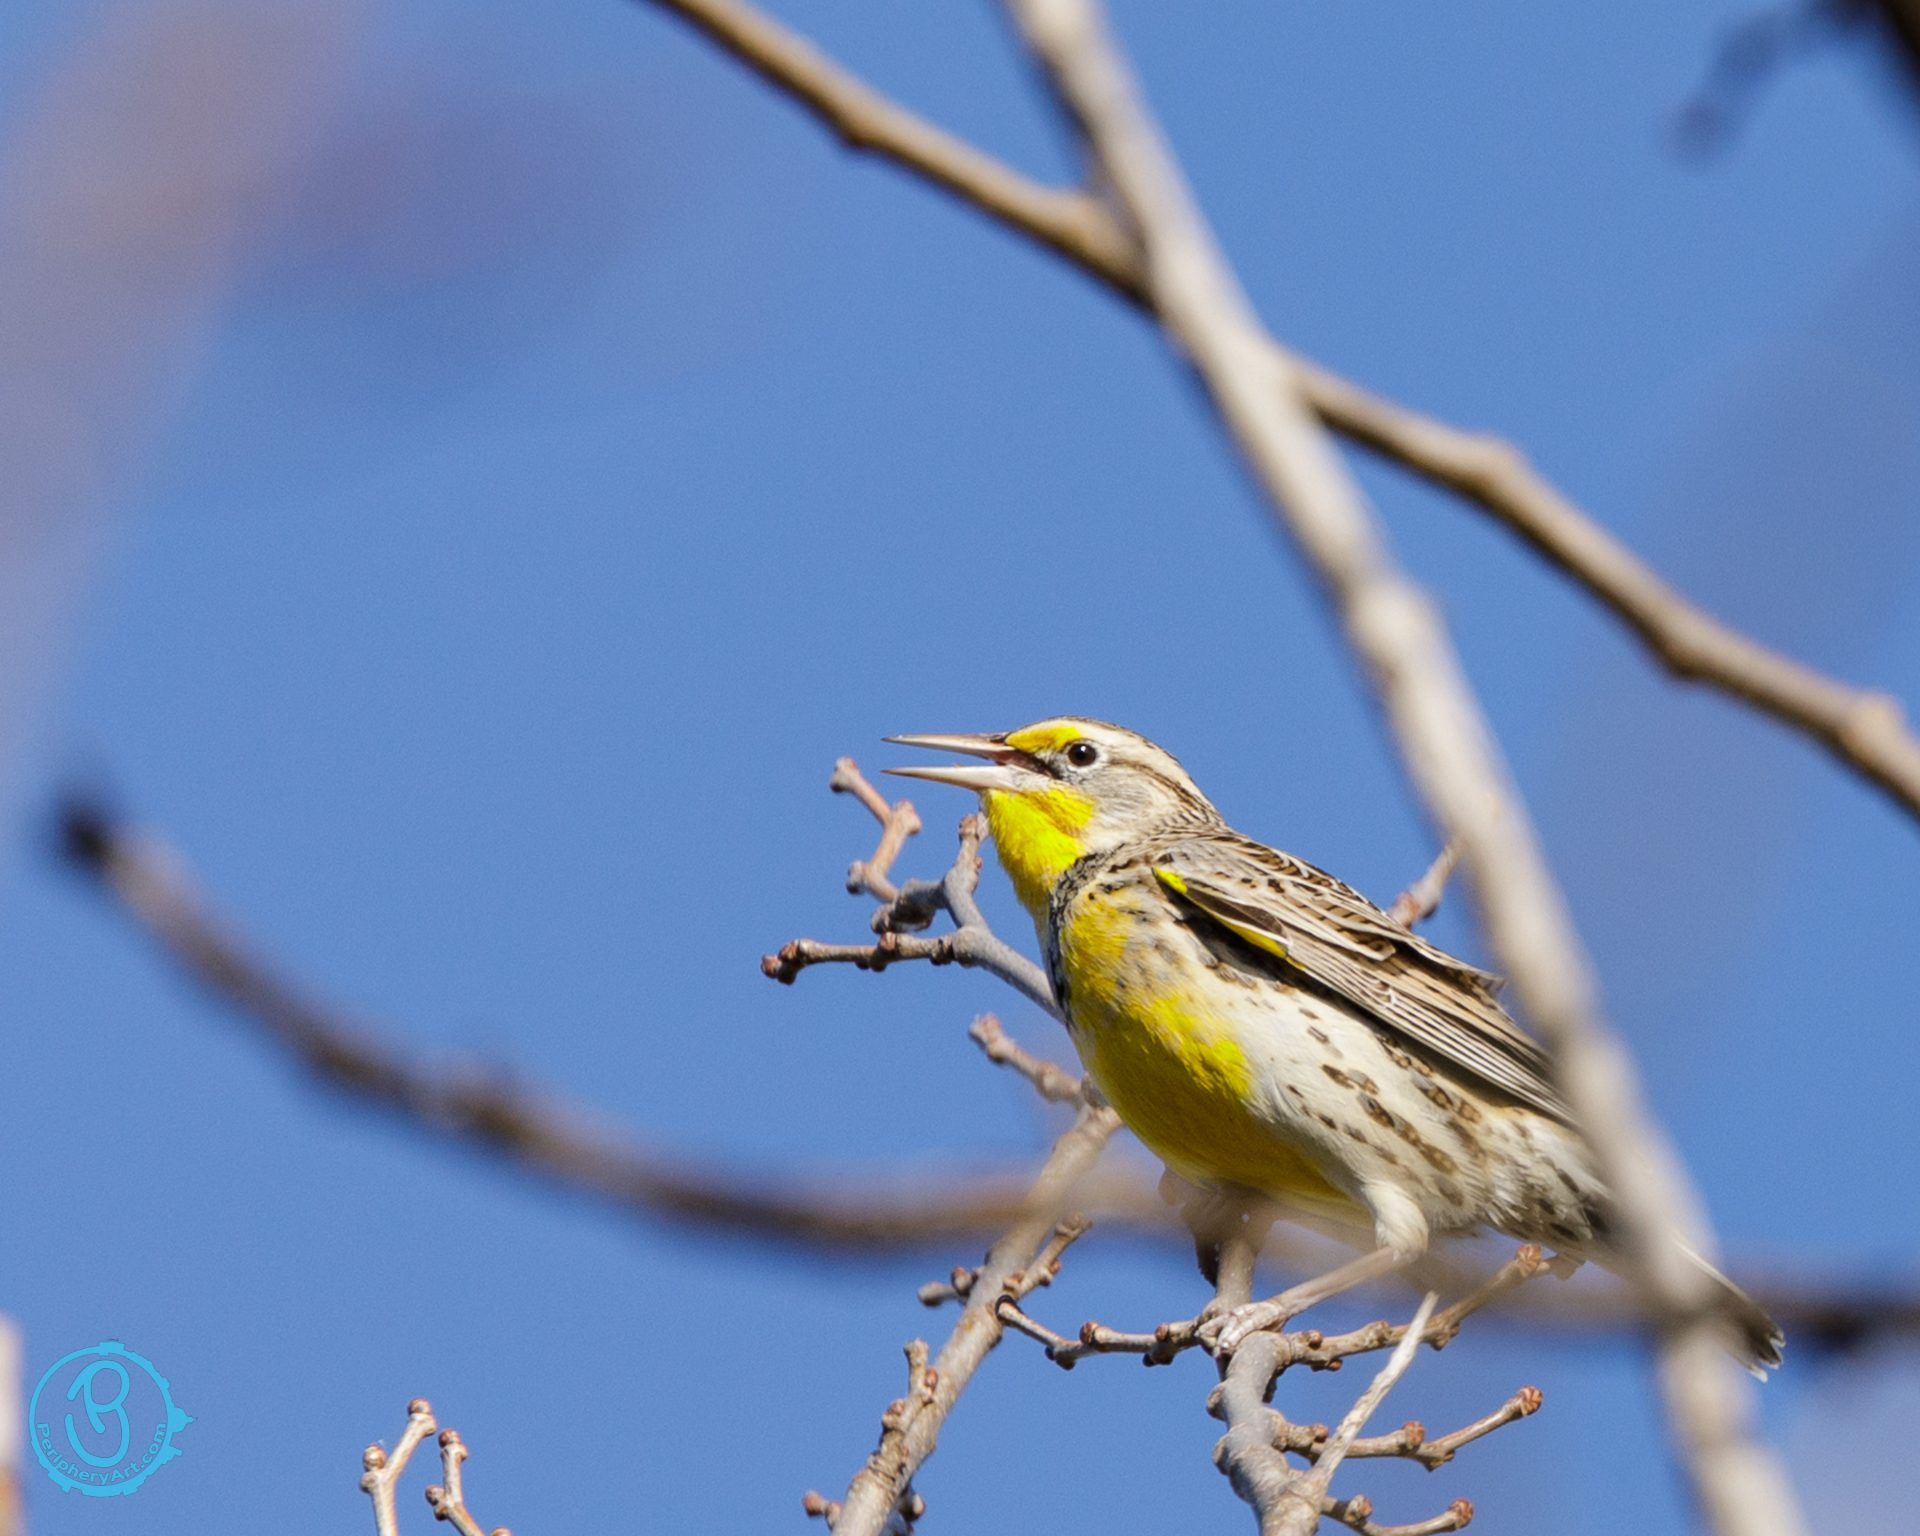 Western Meadowlark in tree